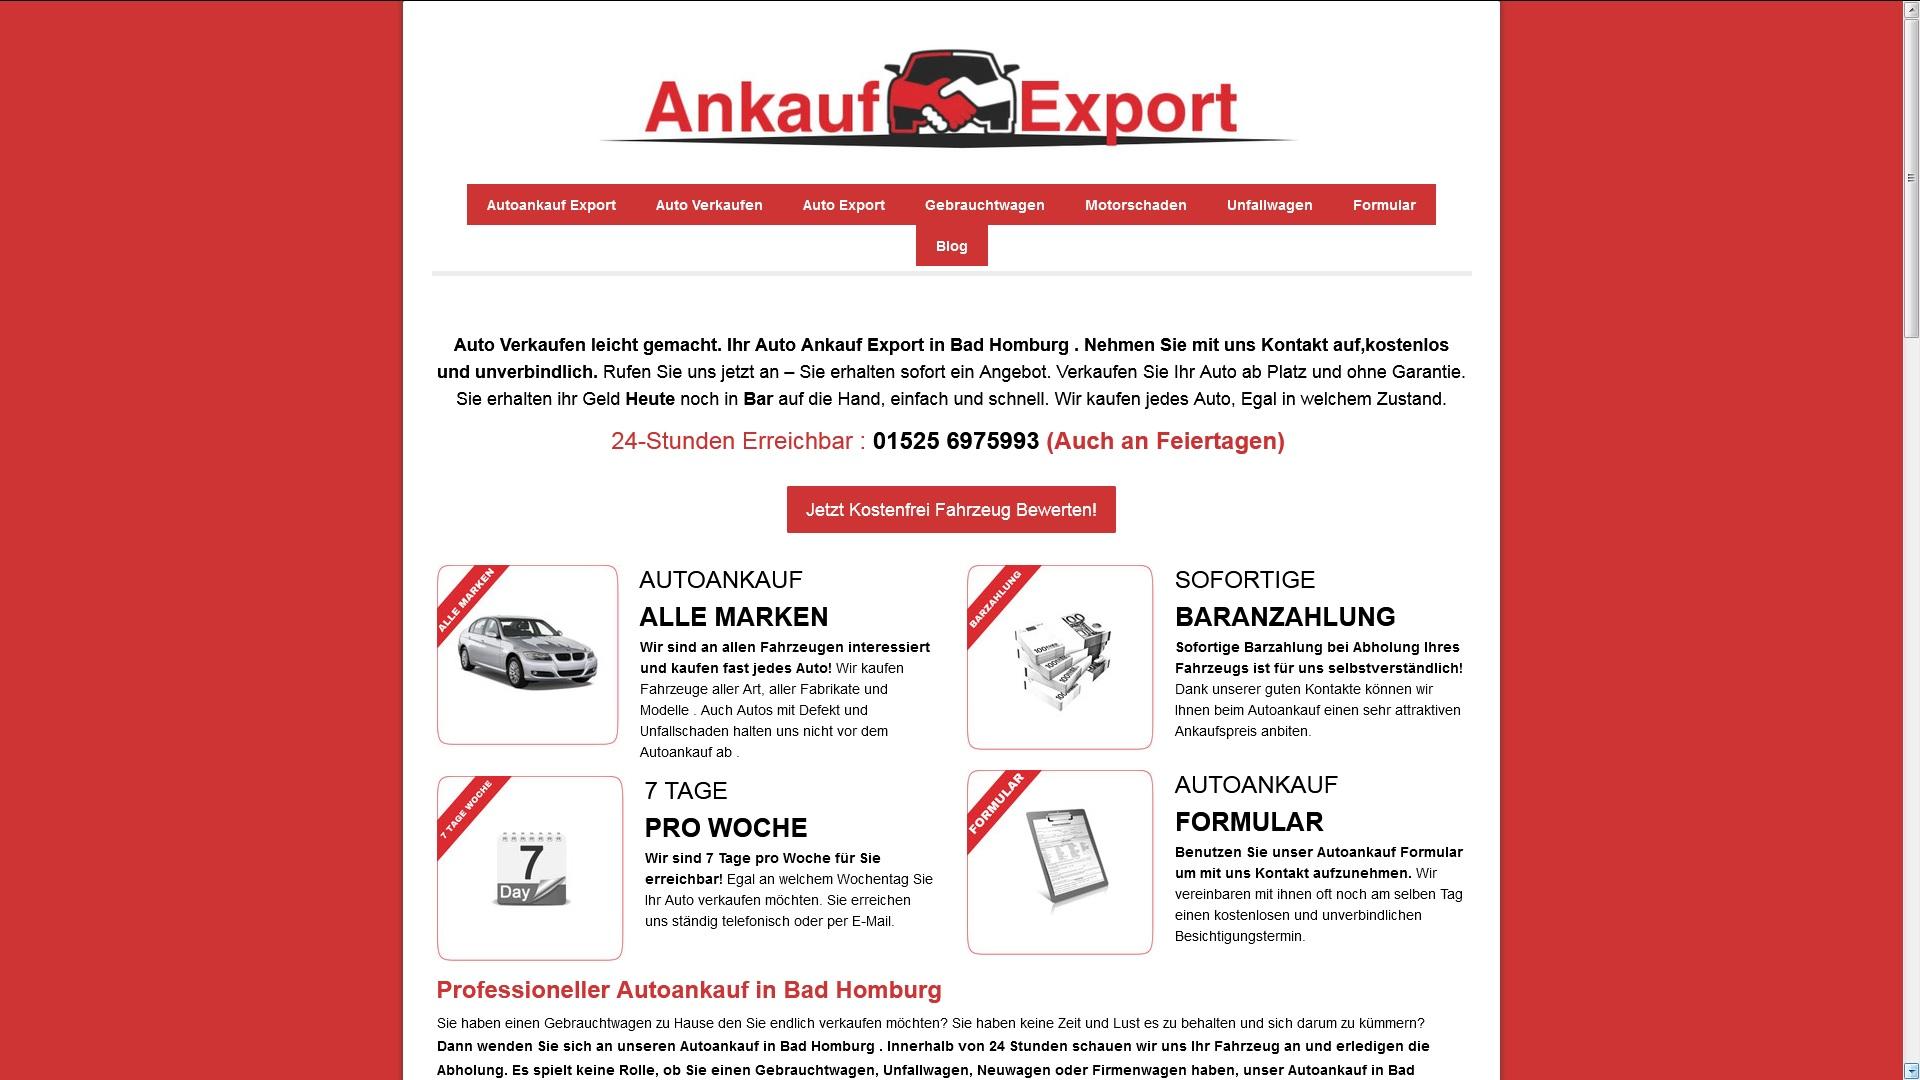 autoankauf bremen moechte sie auch von service ueberzeugen - Autoankauf Bremen möchte Sie auch von Service überzeugen